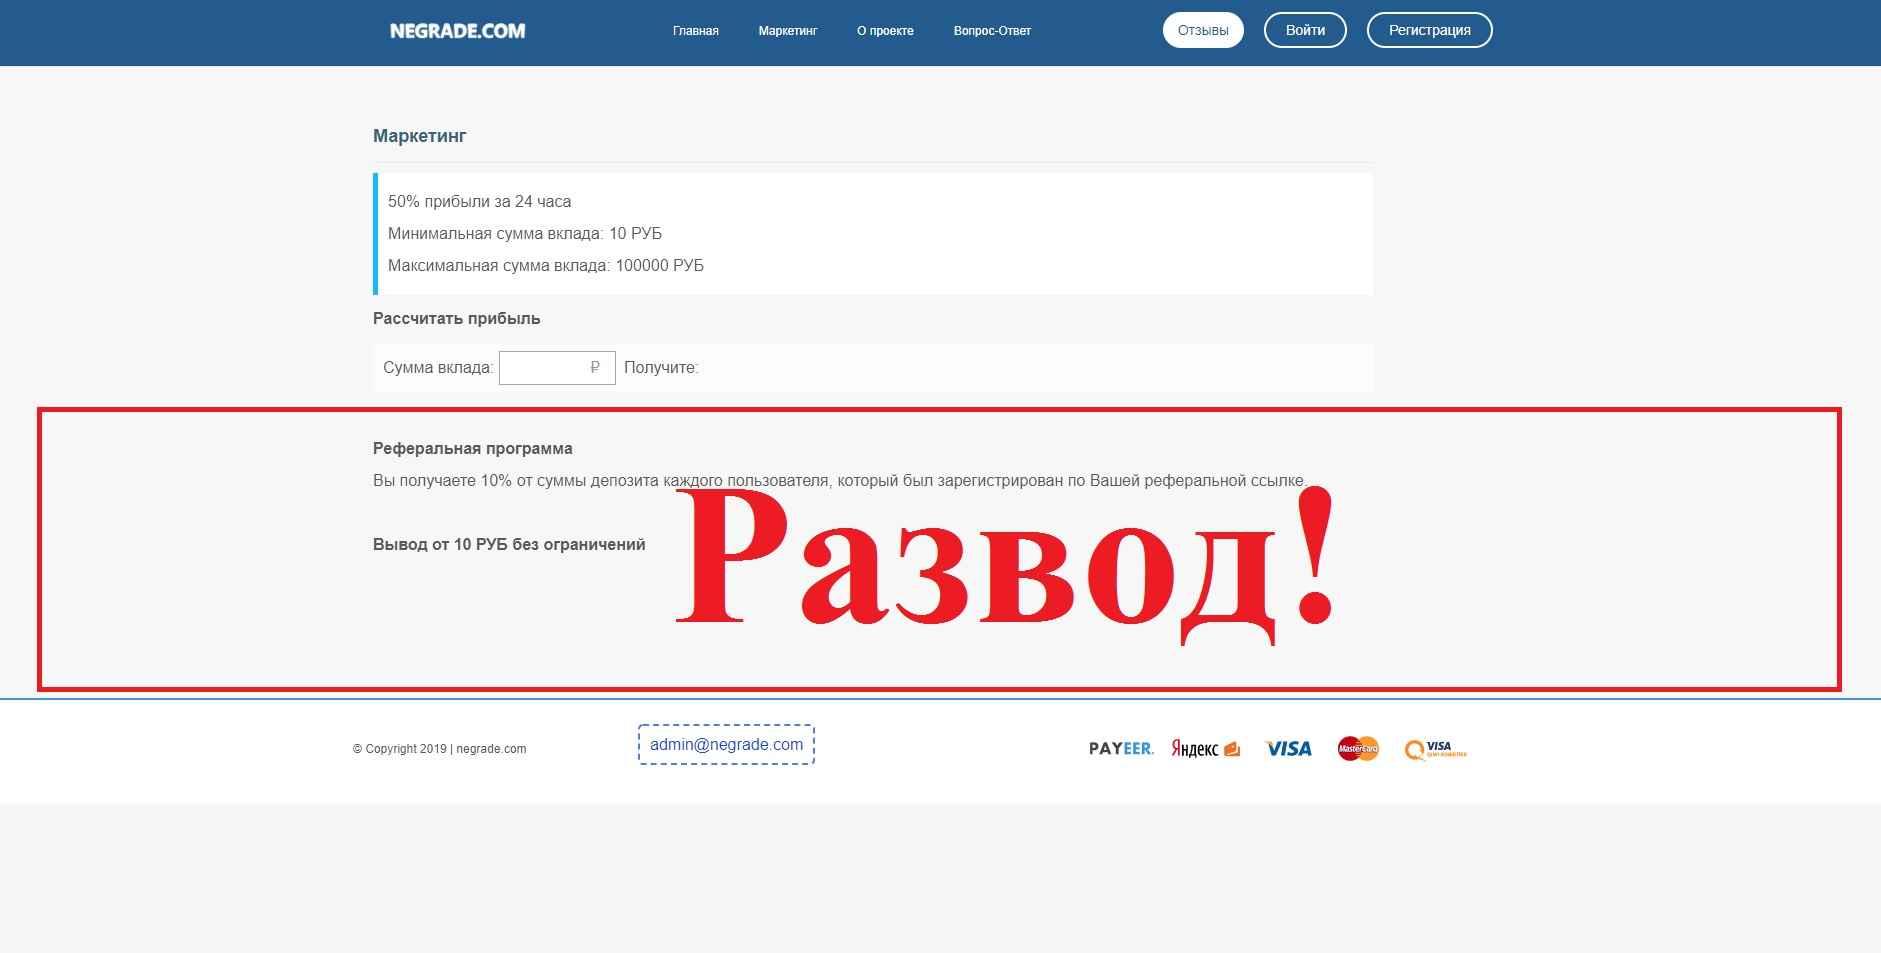 Negrade.com – инвестиционный проект. Инвестировать?